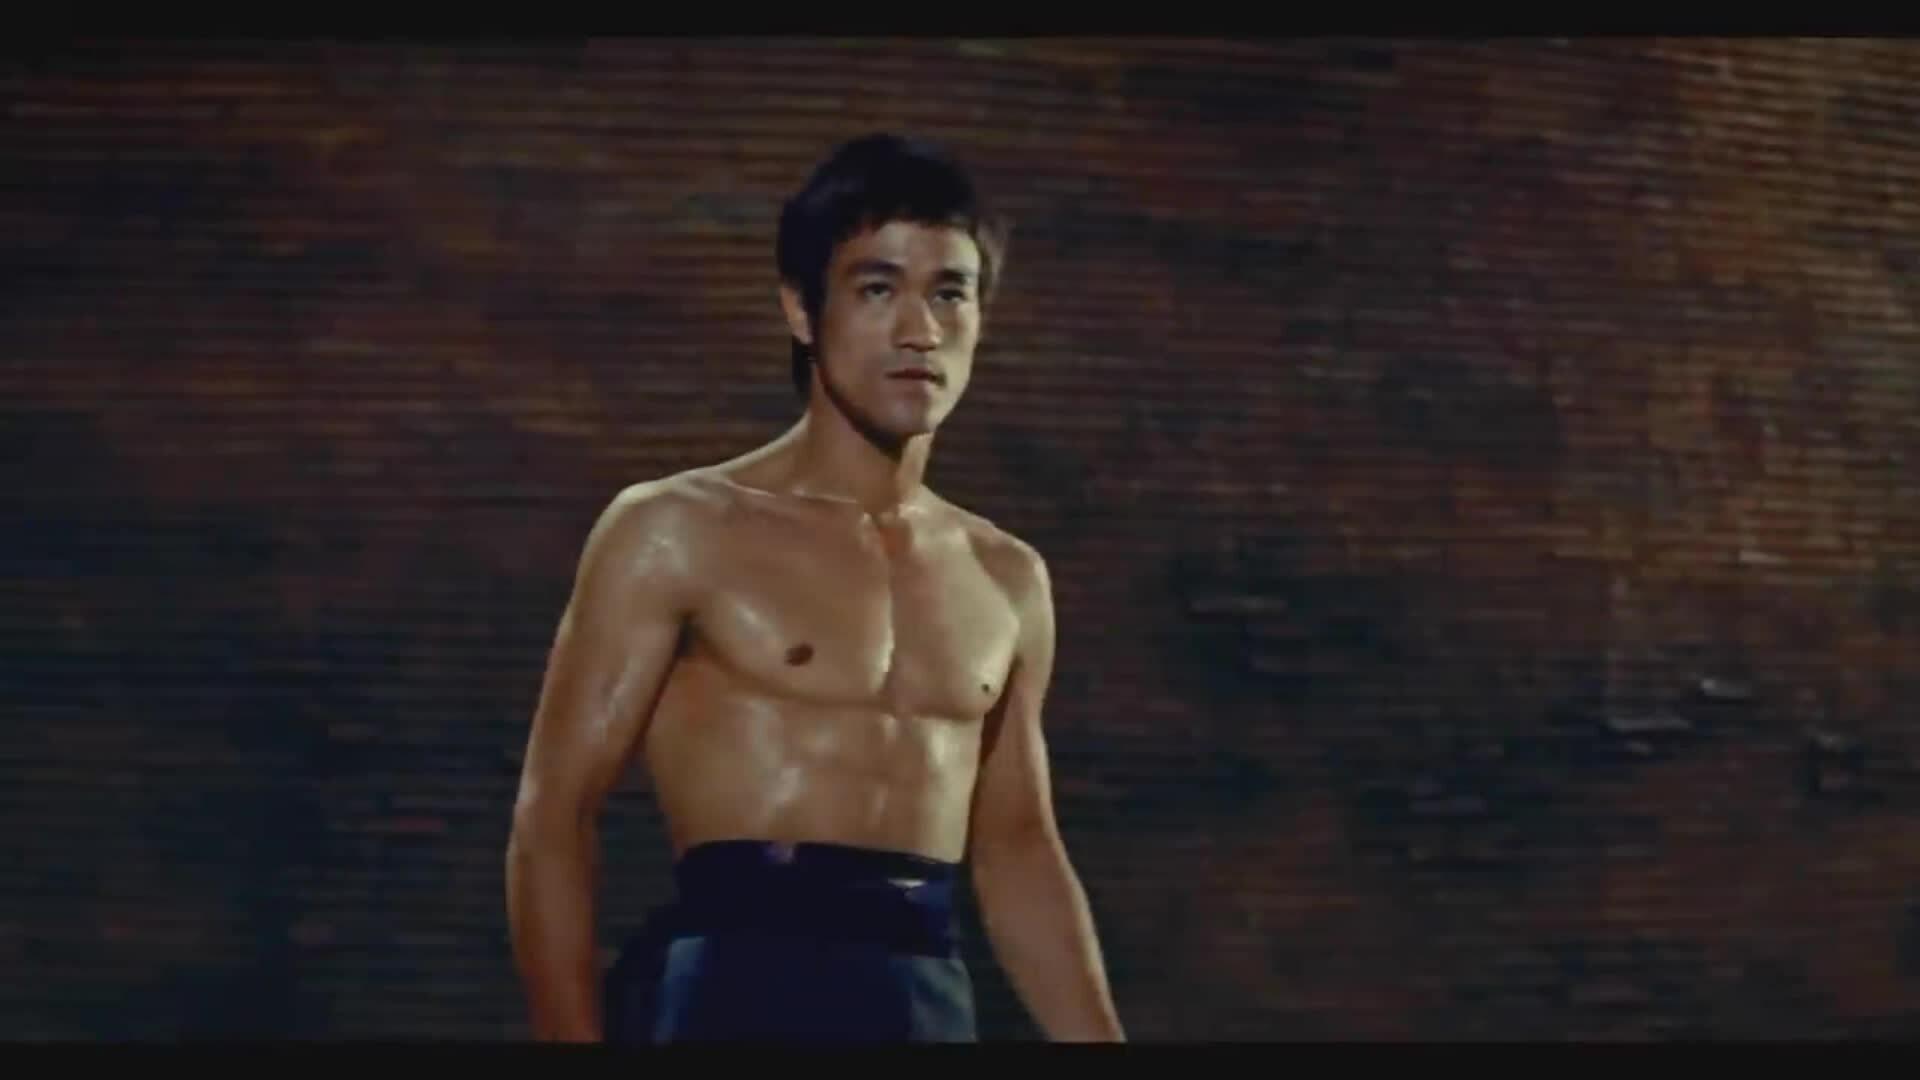 """Trailer """"Be Water"""" - phim tài liệu về Lý Tiểu Long của đạo diễn Bảo Nguyễn"""